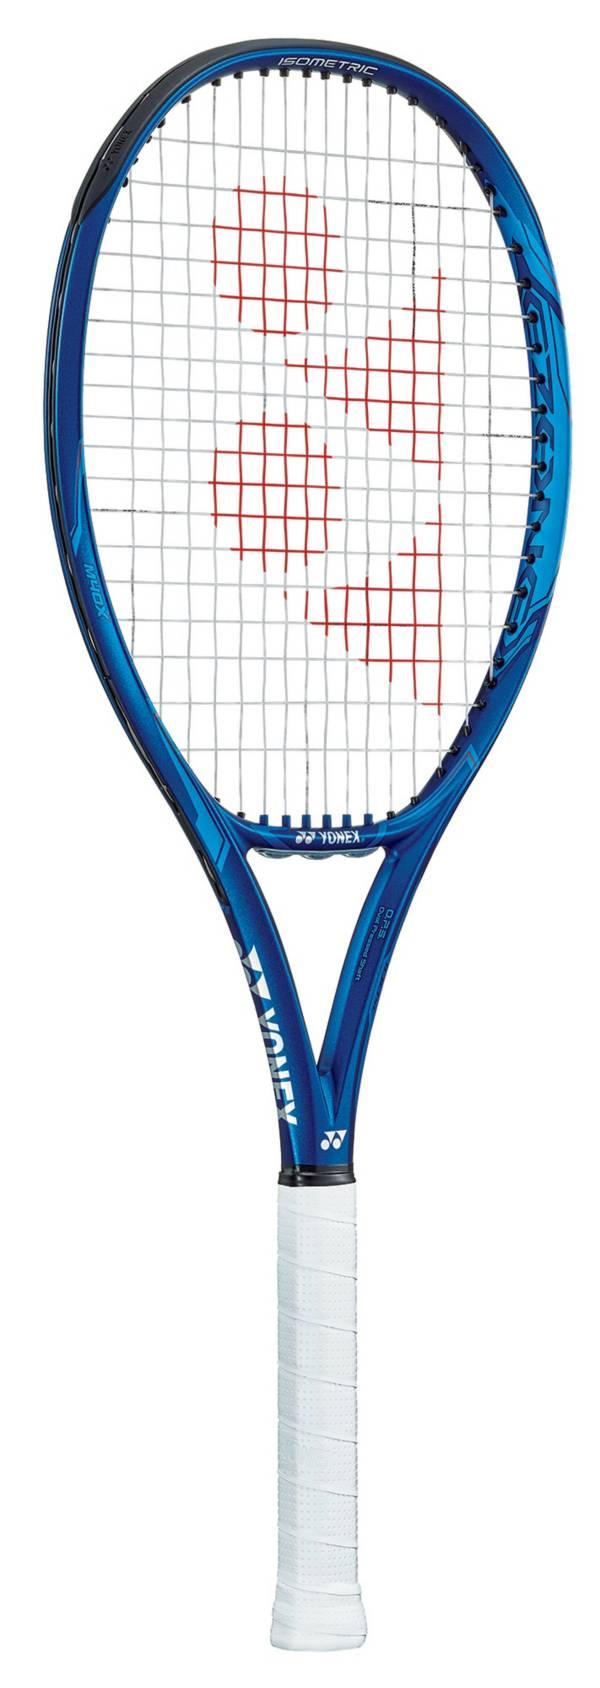 Yonex Ezone 100SL Tennis Racquet product image